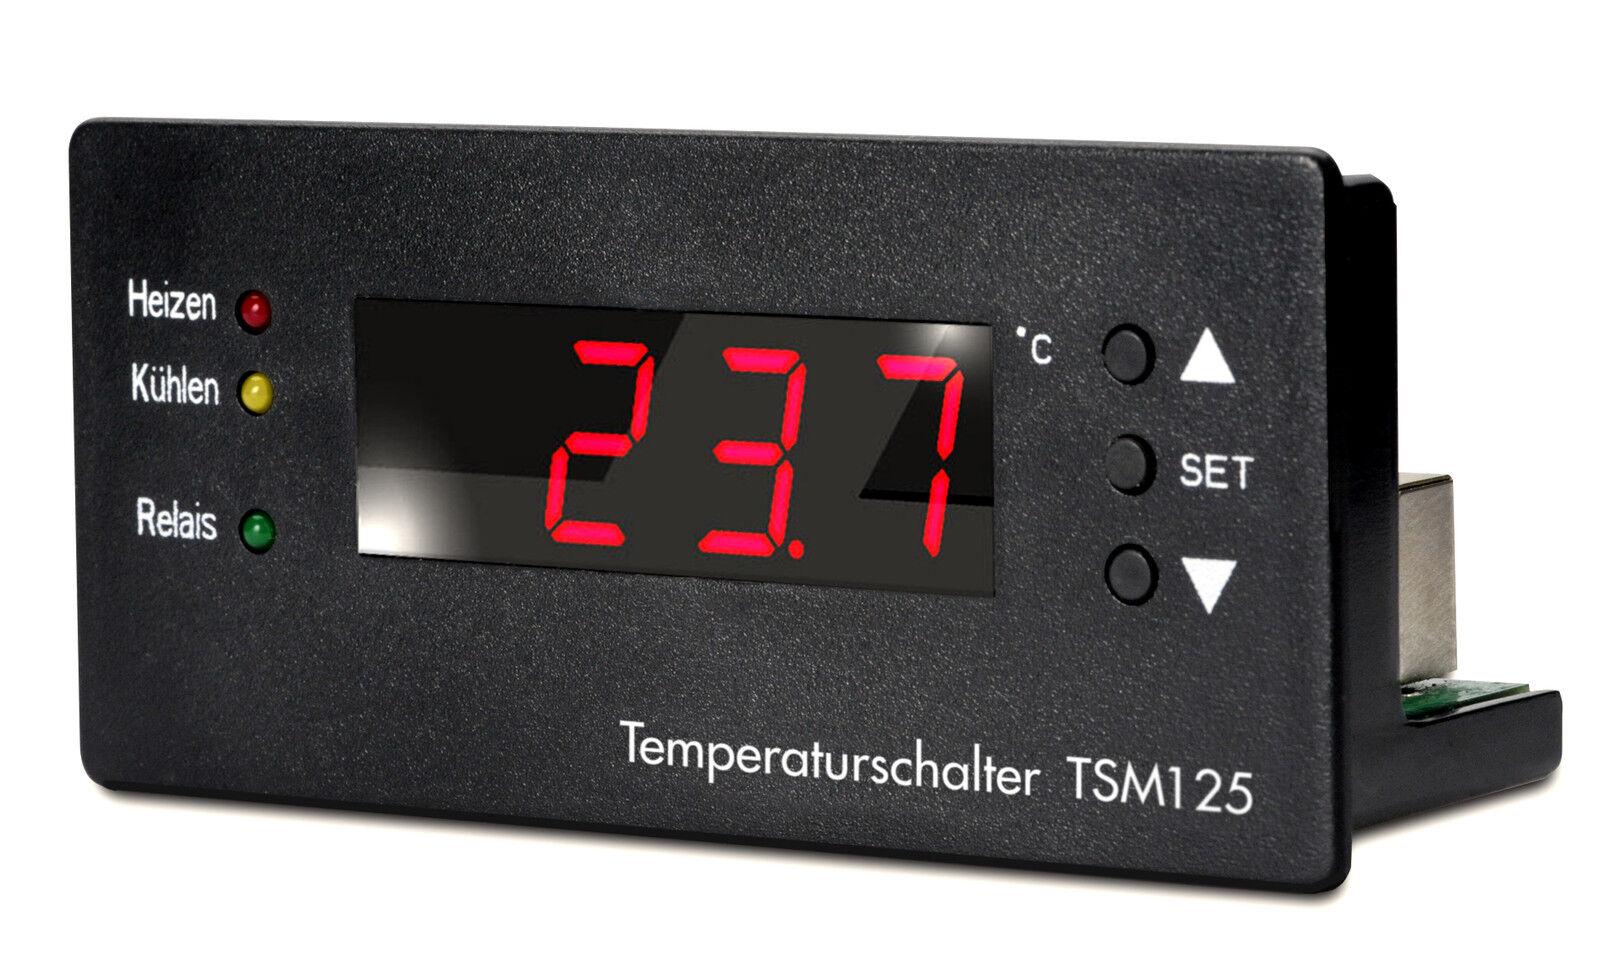 H Tronic Tsm125, Perfetti Regolamento Ihres Roulotte Kühlschrankes  0,1 Gradi